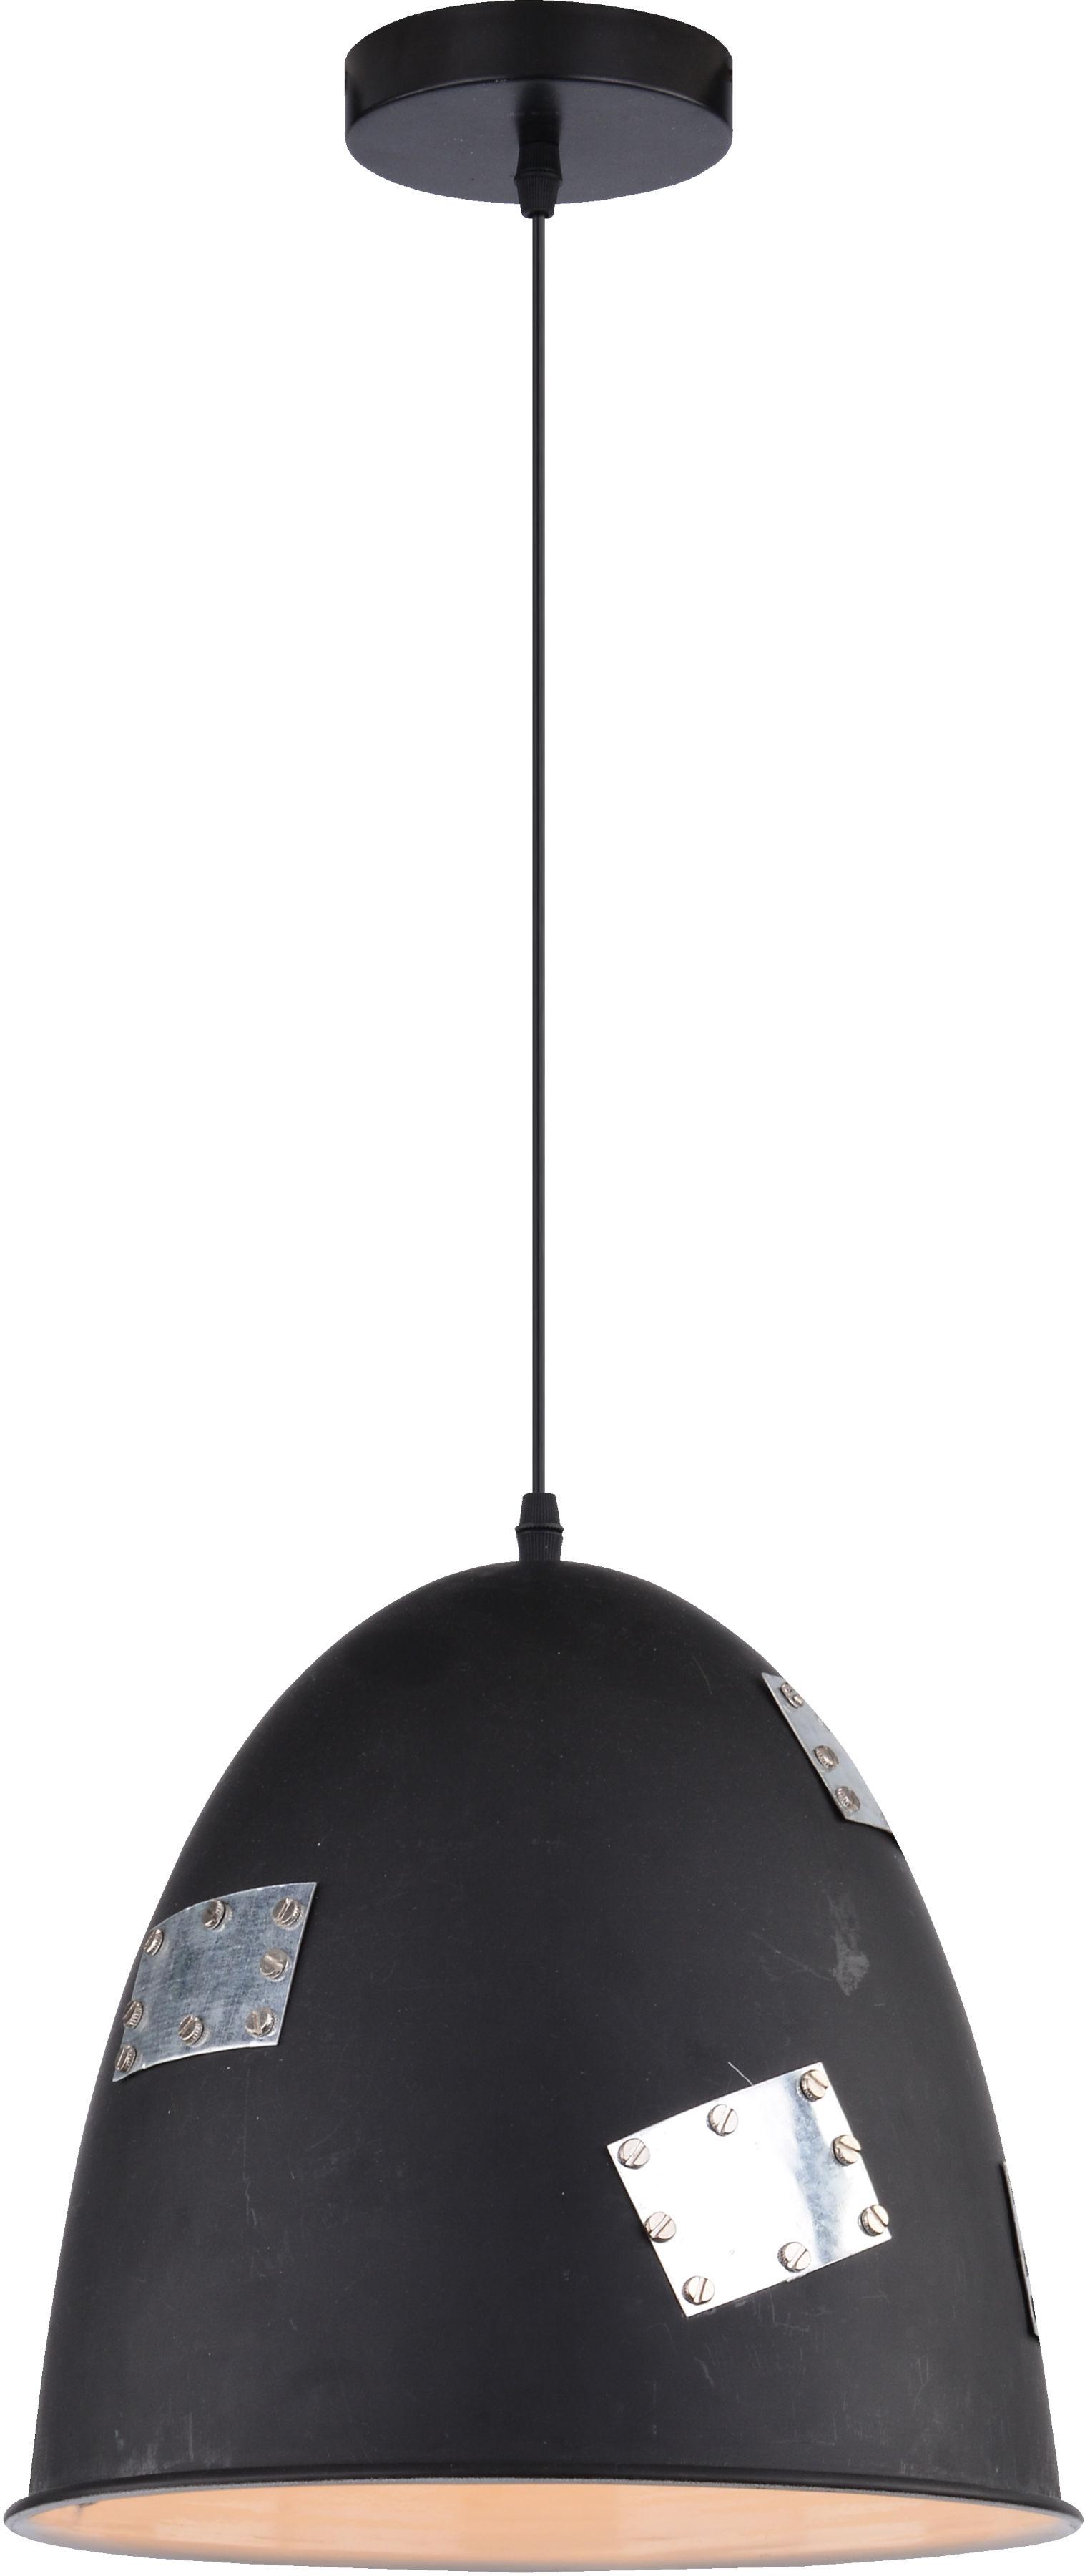 Candellux PATCH 31-43184 lampa wisząca 1X60W E27 klosz metalowy czarny+ chrom dekor 29 cm